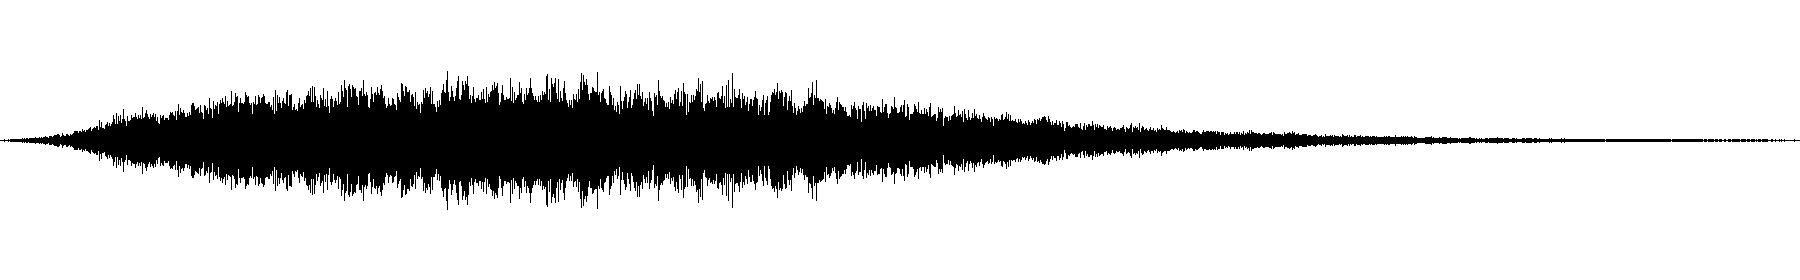 synth choir d7